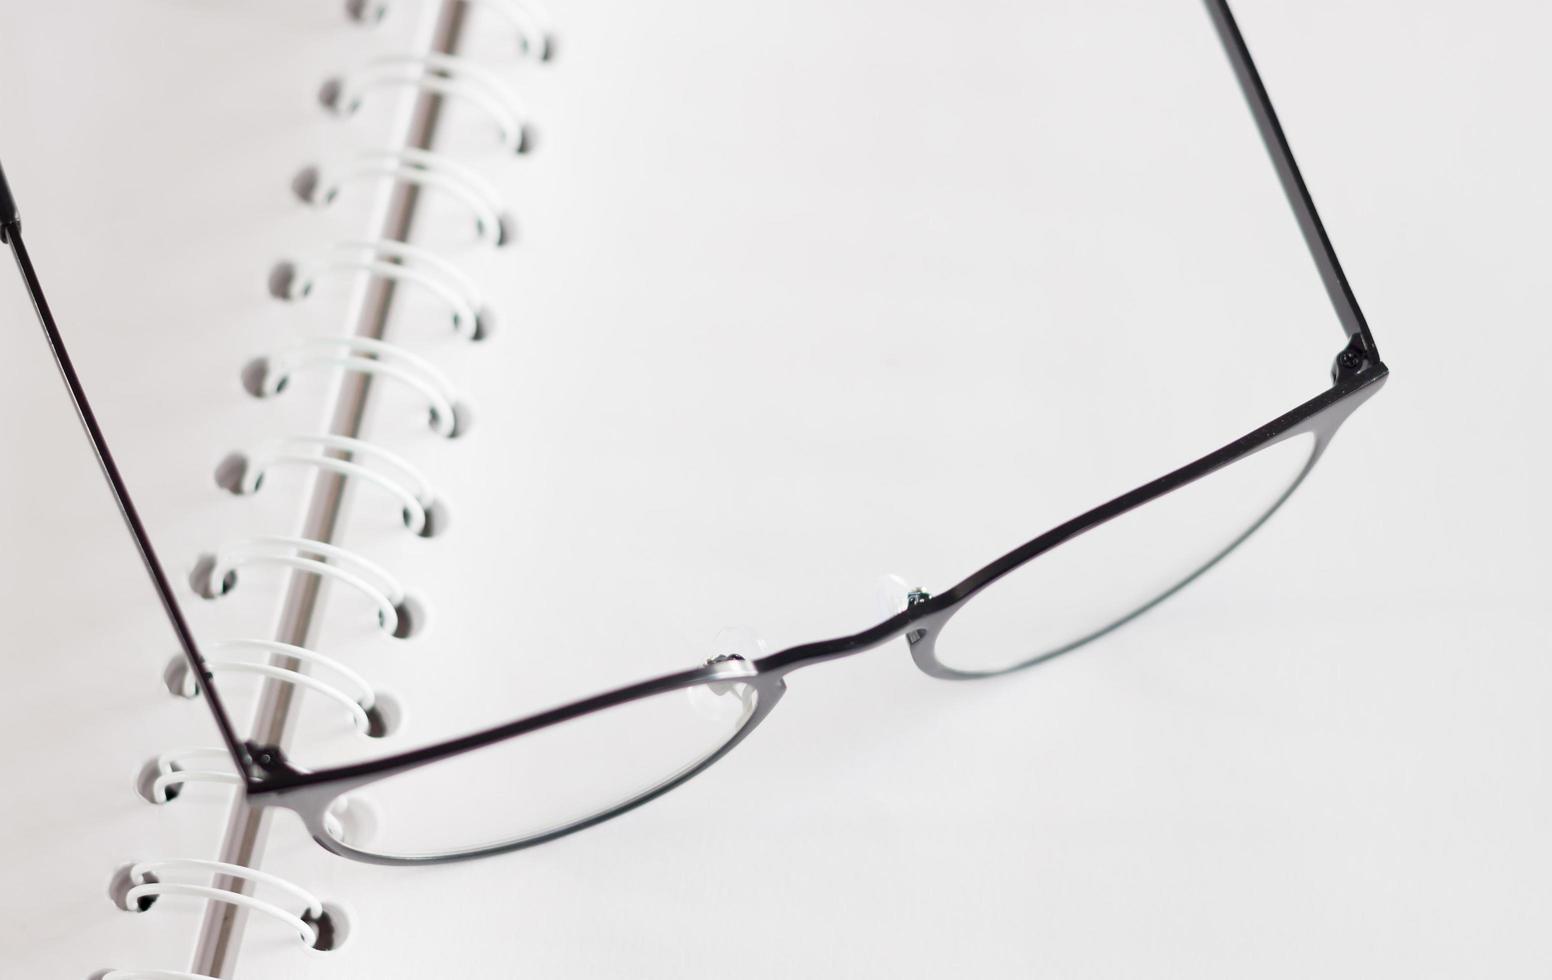 Brille auf einem Notizbuch foto